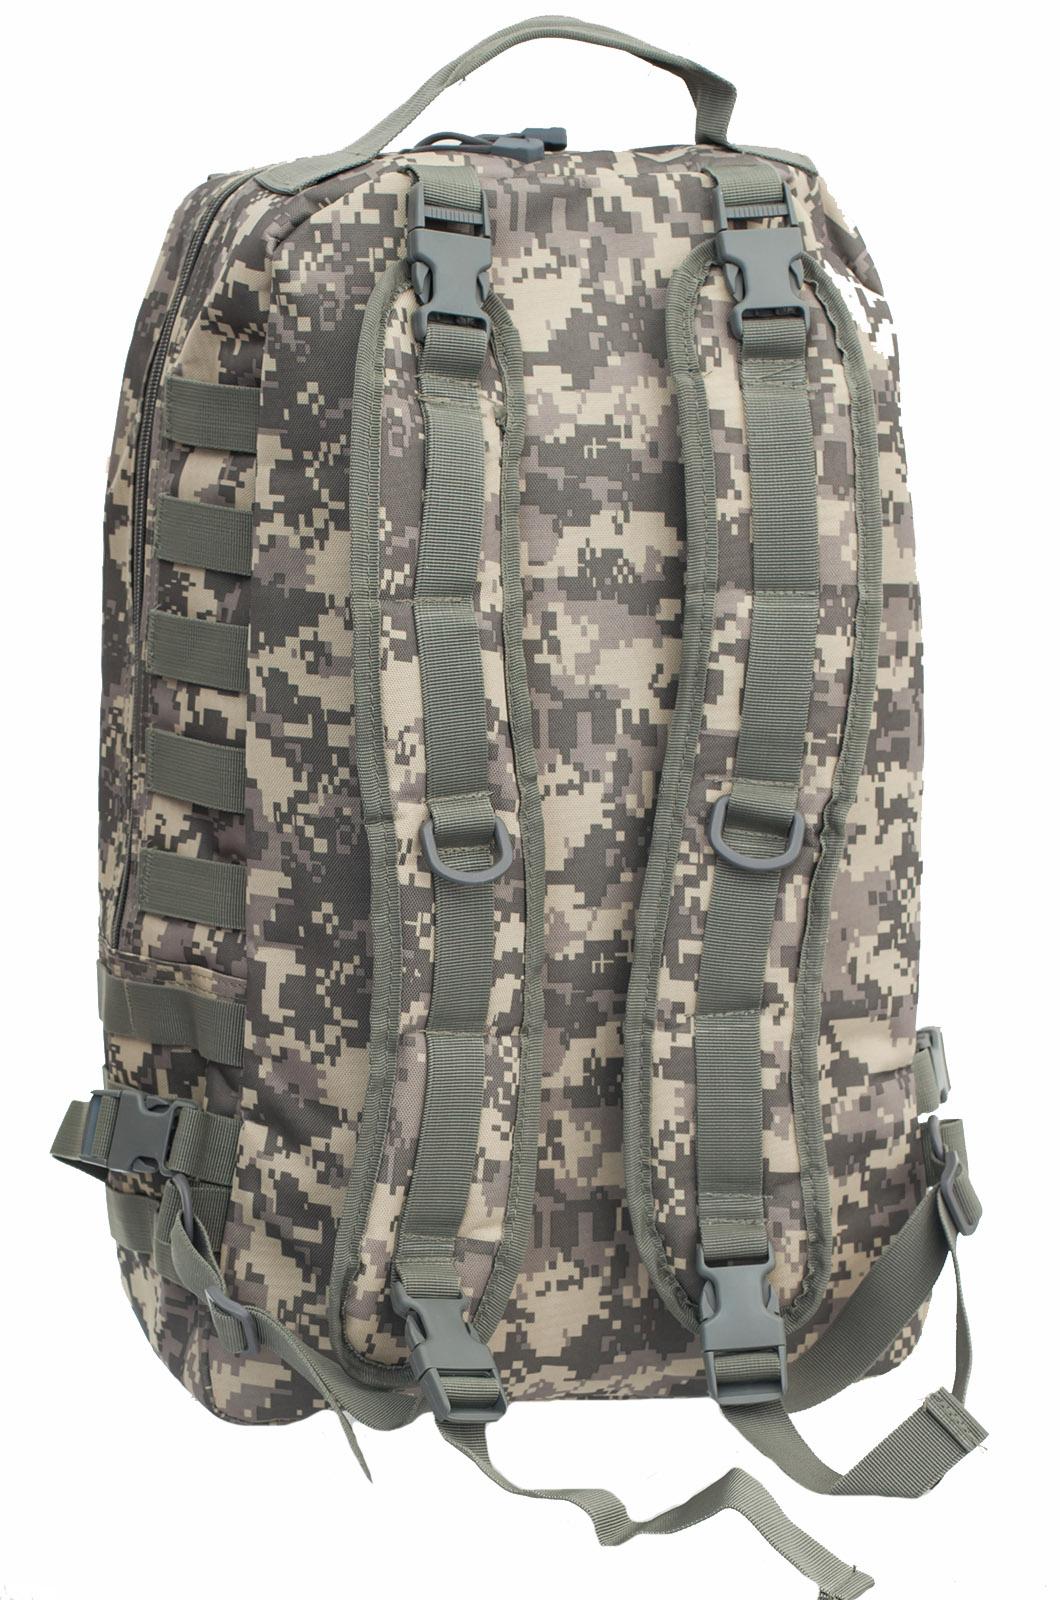 Рейдовый тактический рюкзак с нашивкой Погранвойска - заказать оптом